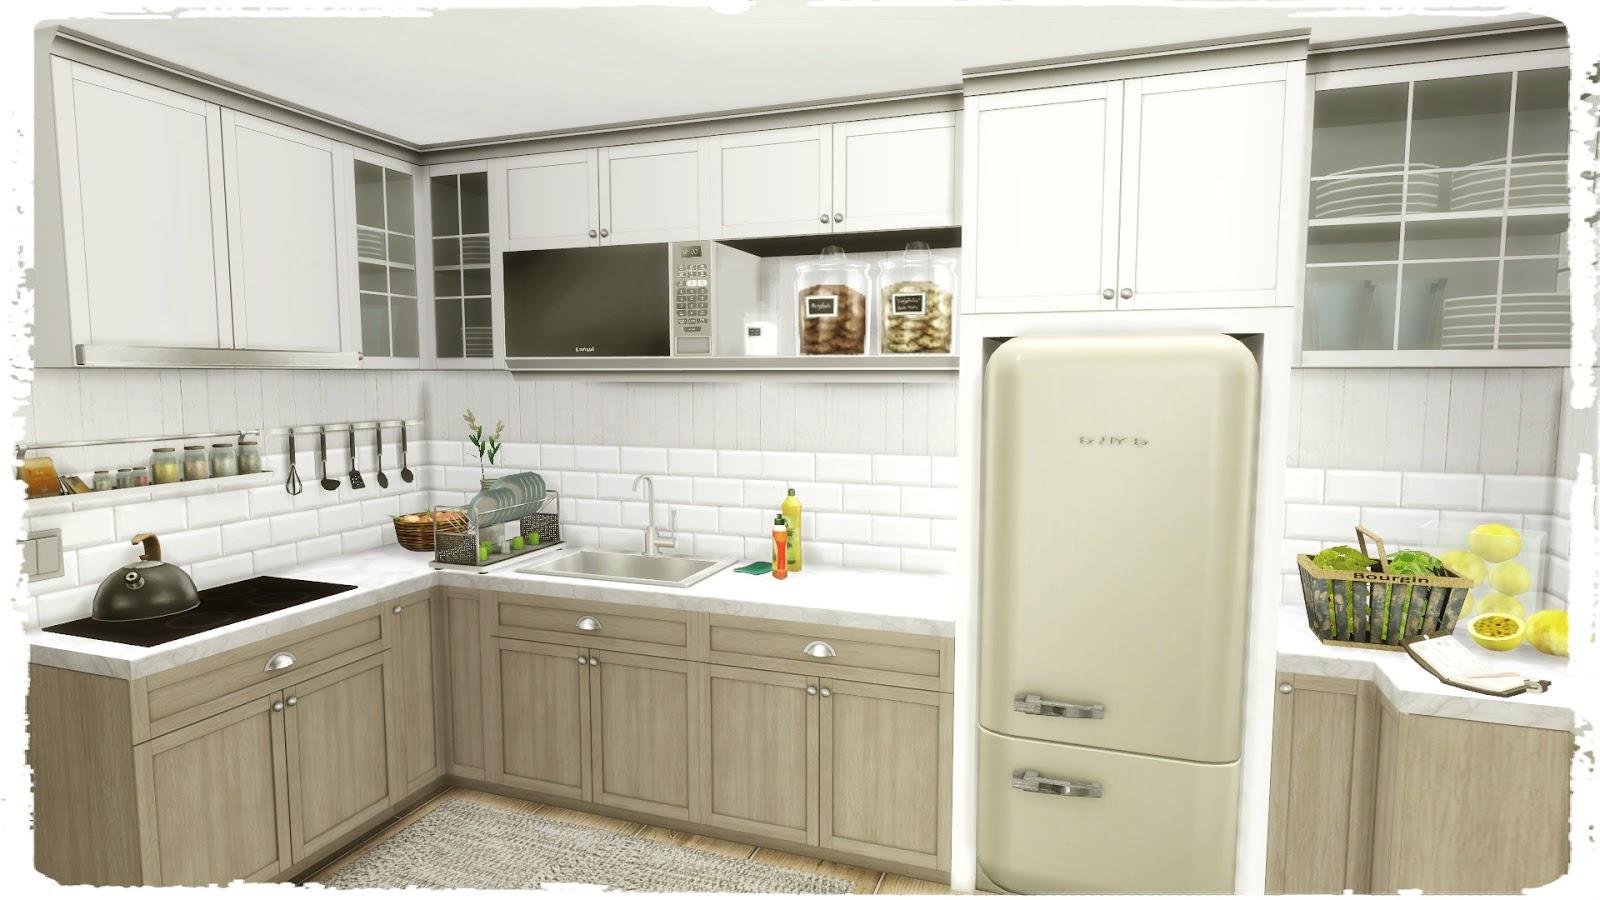 Sims 4  Flower Kitchen Build  Decoration  Dinha